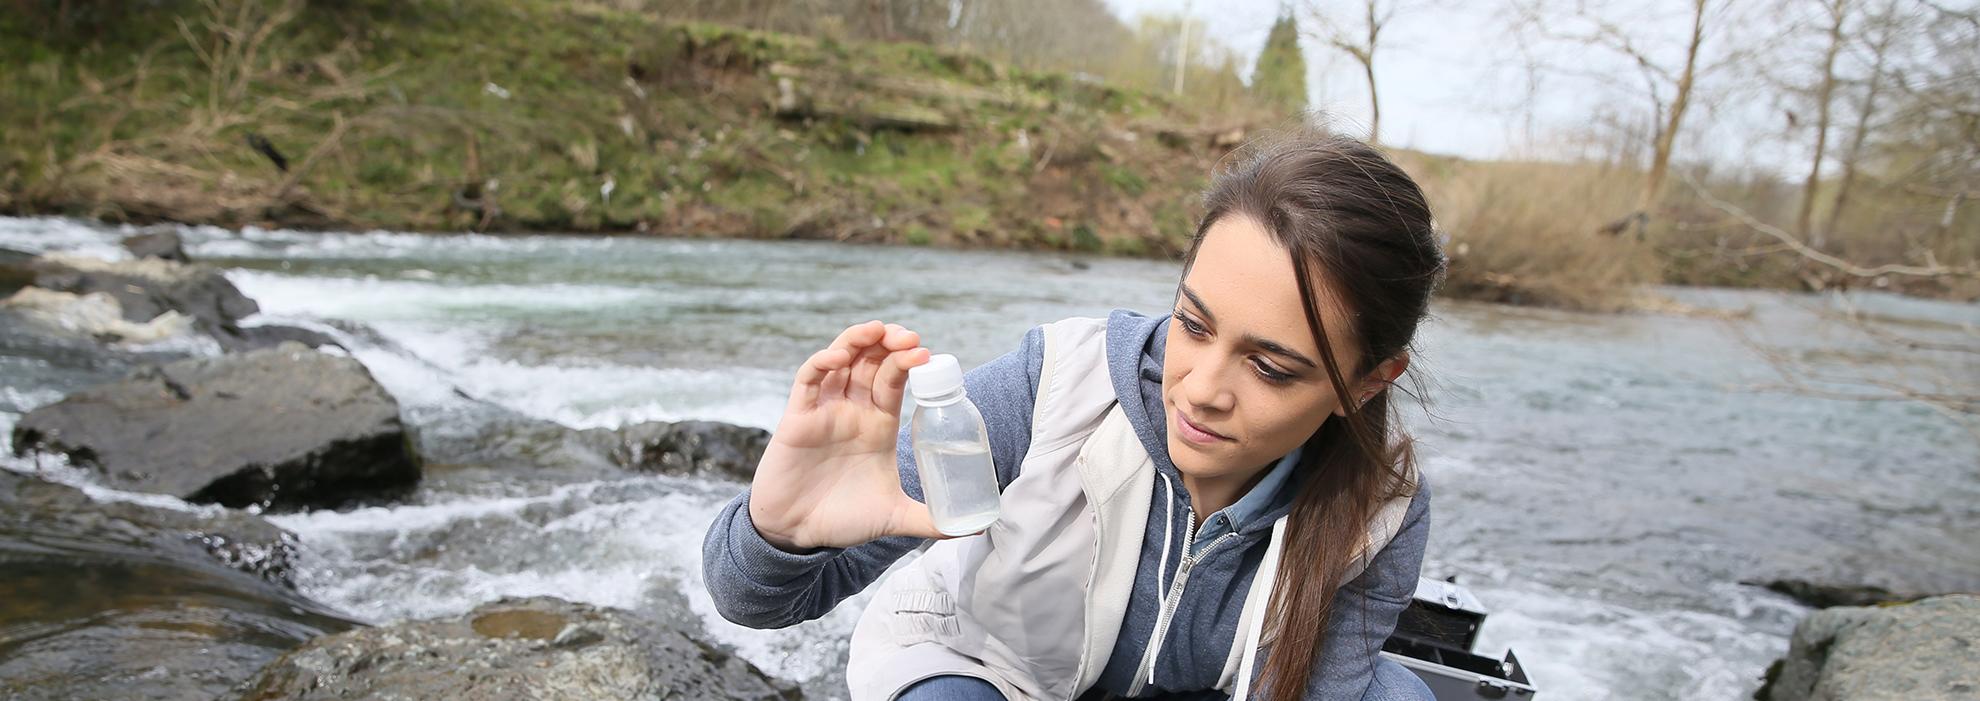 River Biology